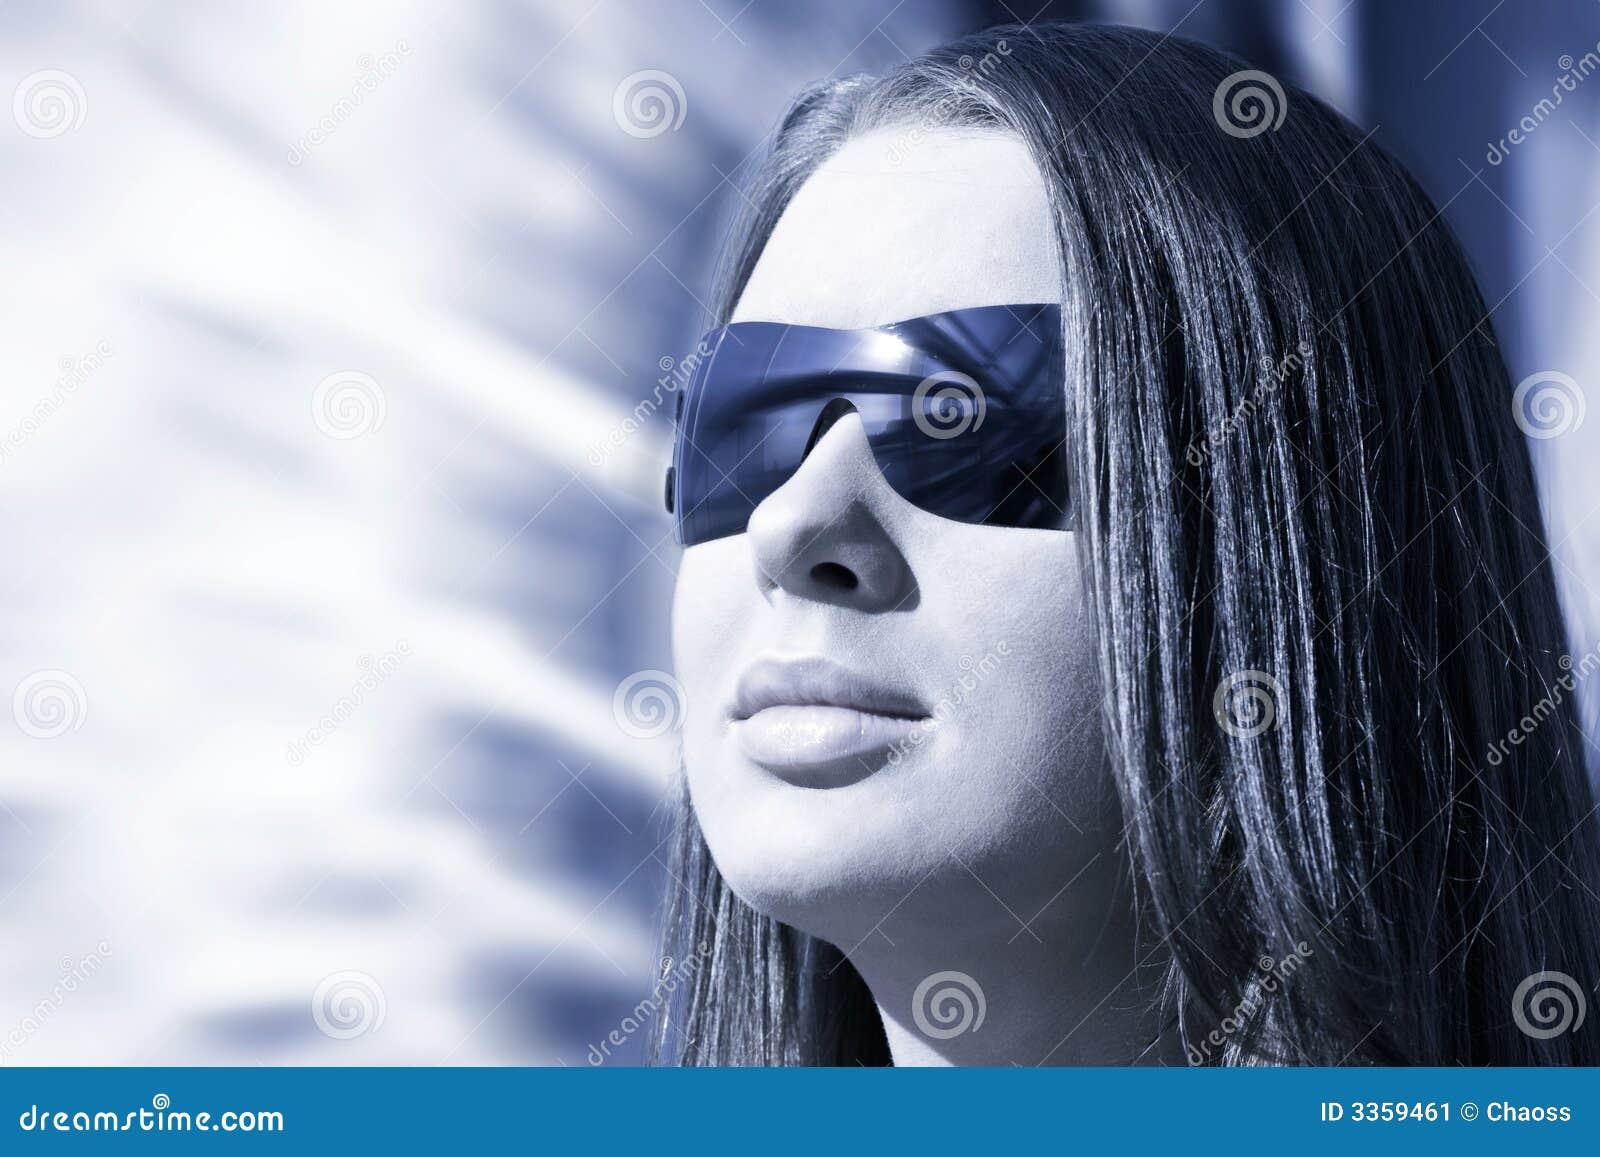 Woman Portrait Hi Tech Style Stock Image Image 3359461